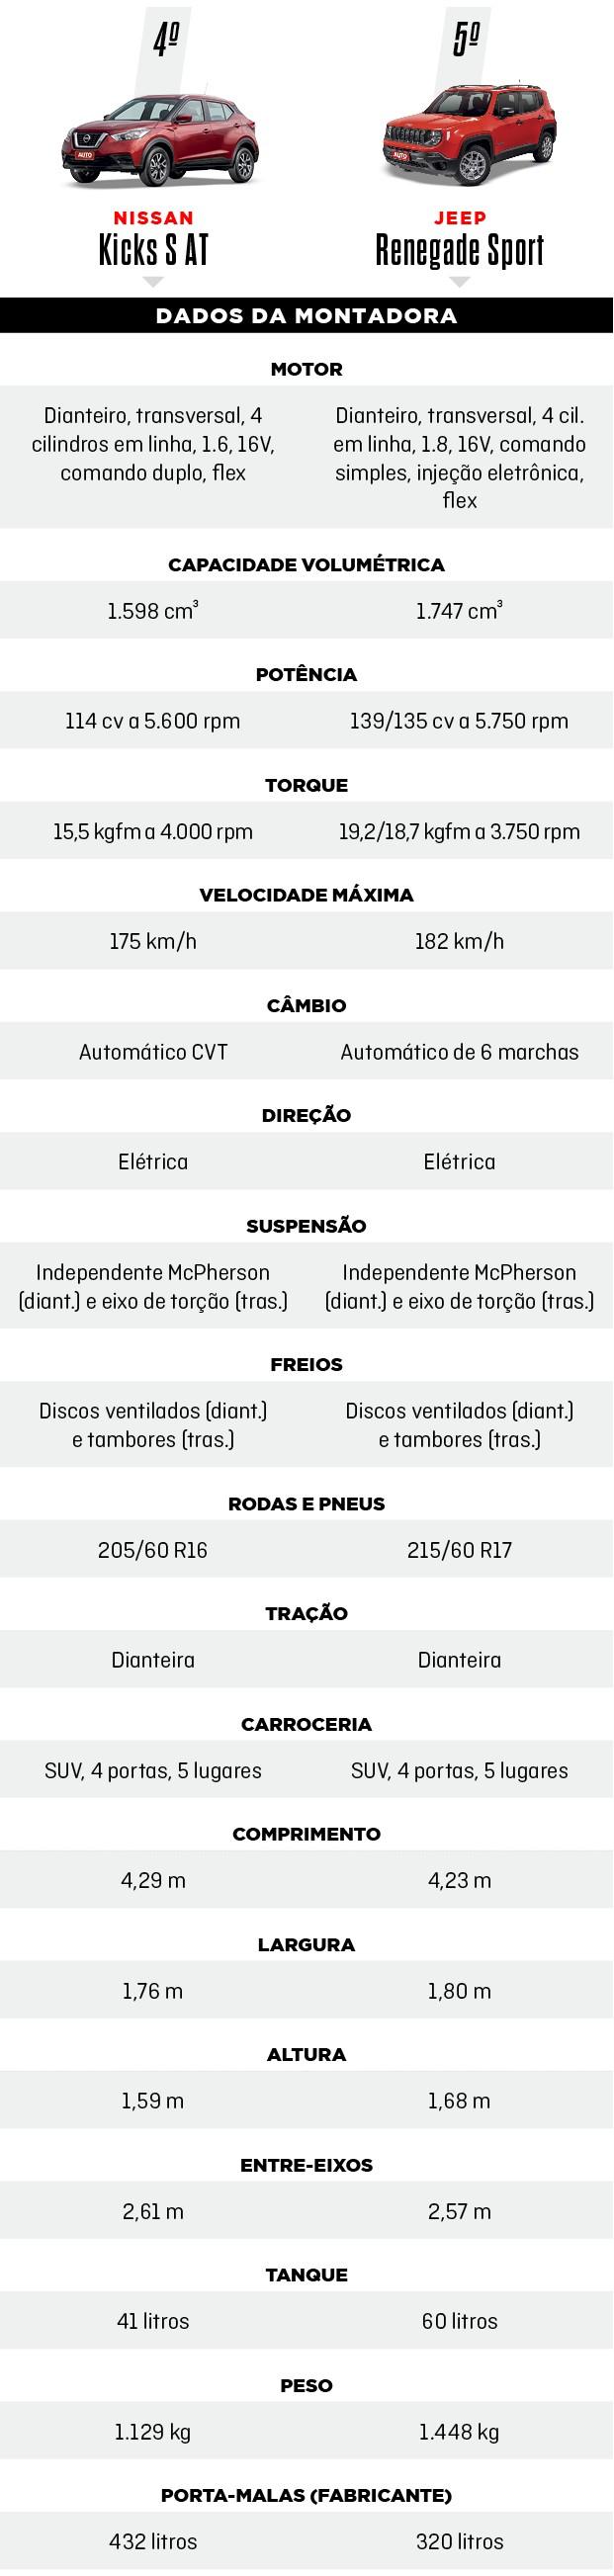 Comparativo: O novo Renault Duster encara seu rival histórico Ford Ecosport, além dos três modelos mais vendidos: Renegade, Creta e Kicks (Foto: Divulgação)